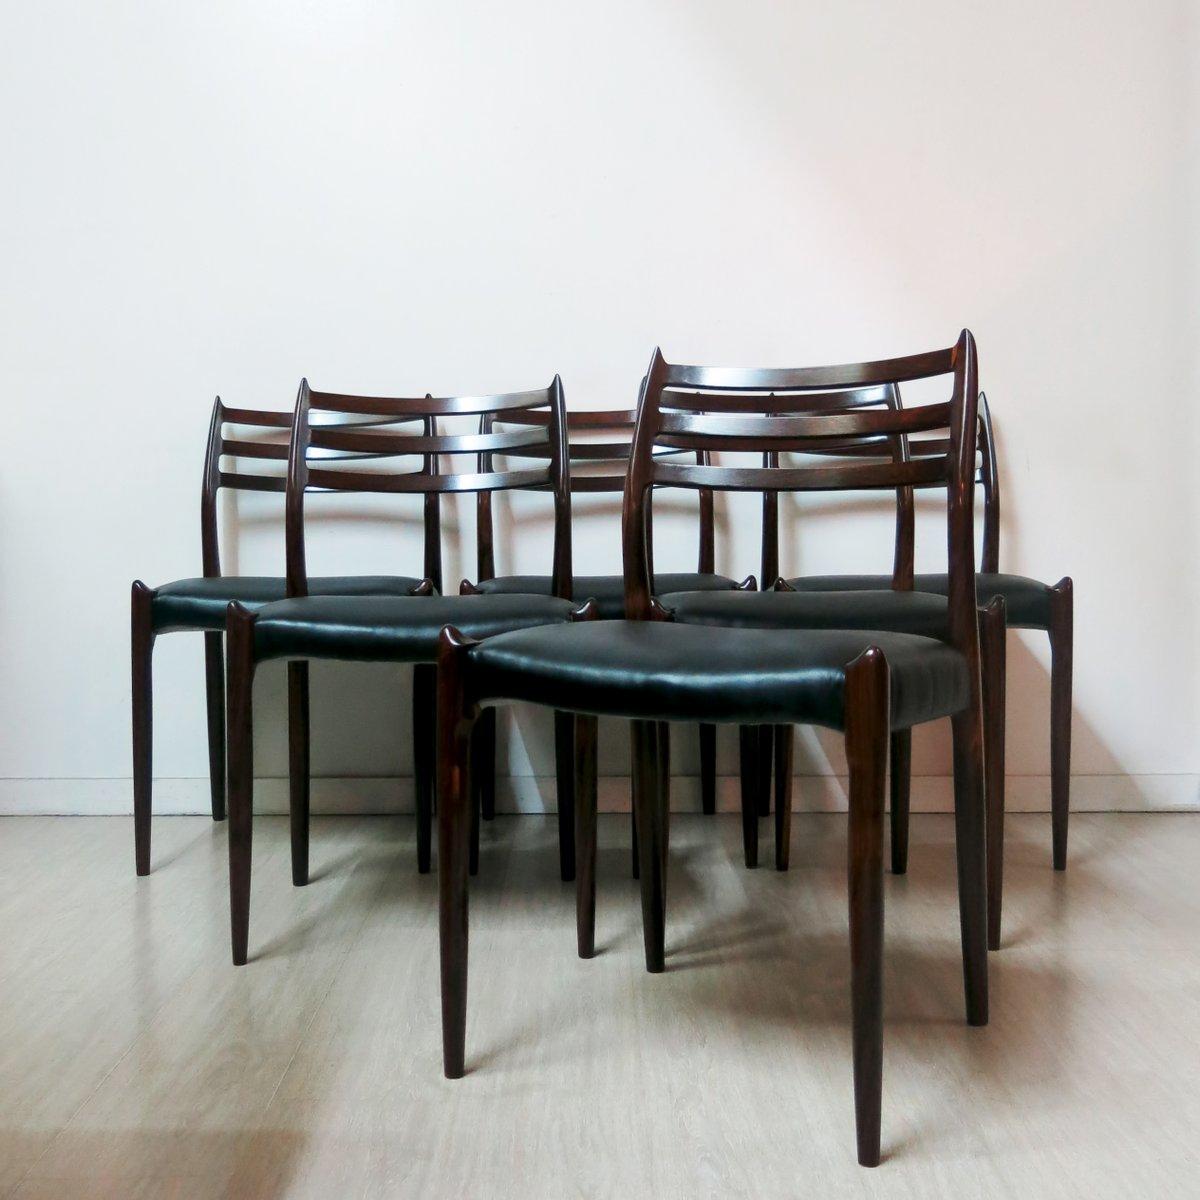 esszimmerst hle von niels o m ller 1960 6er set bei. Black Bedroom Furniture Sets. Home Design Ideas